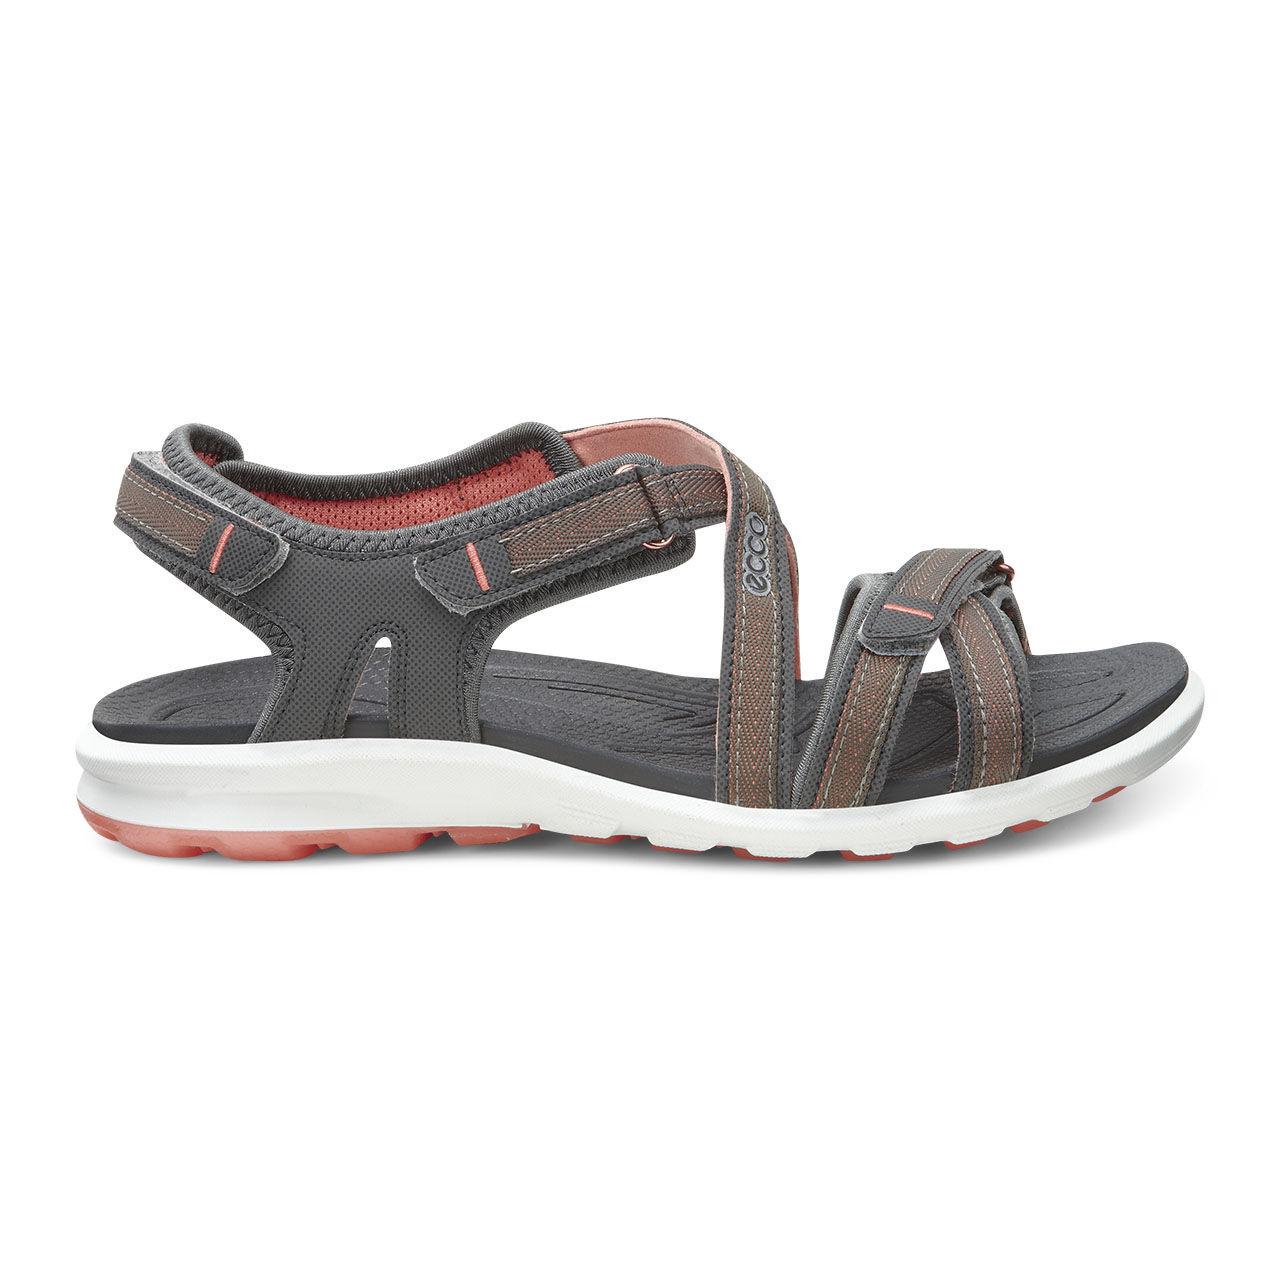 smuts billigt stor rabatt modestilar ecco cruise sandal